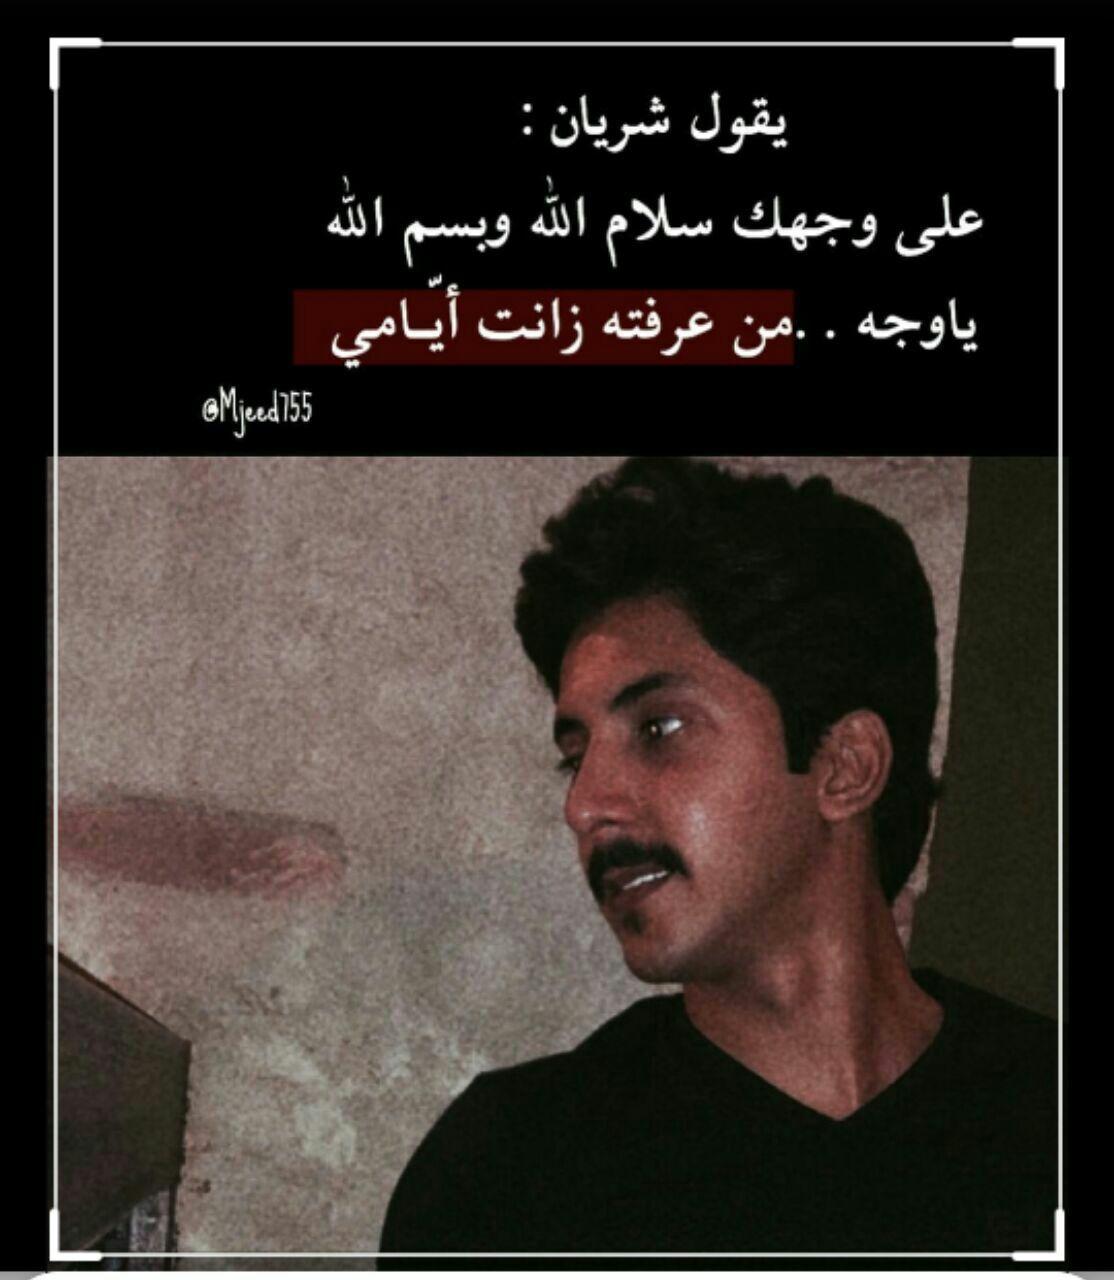 شريان الديـحاني Love Smile Quotes Quran Quotes Inspirational Arabic Love Quotes